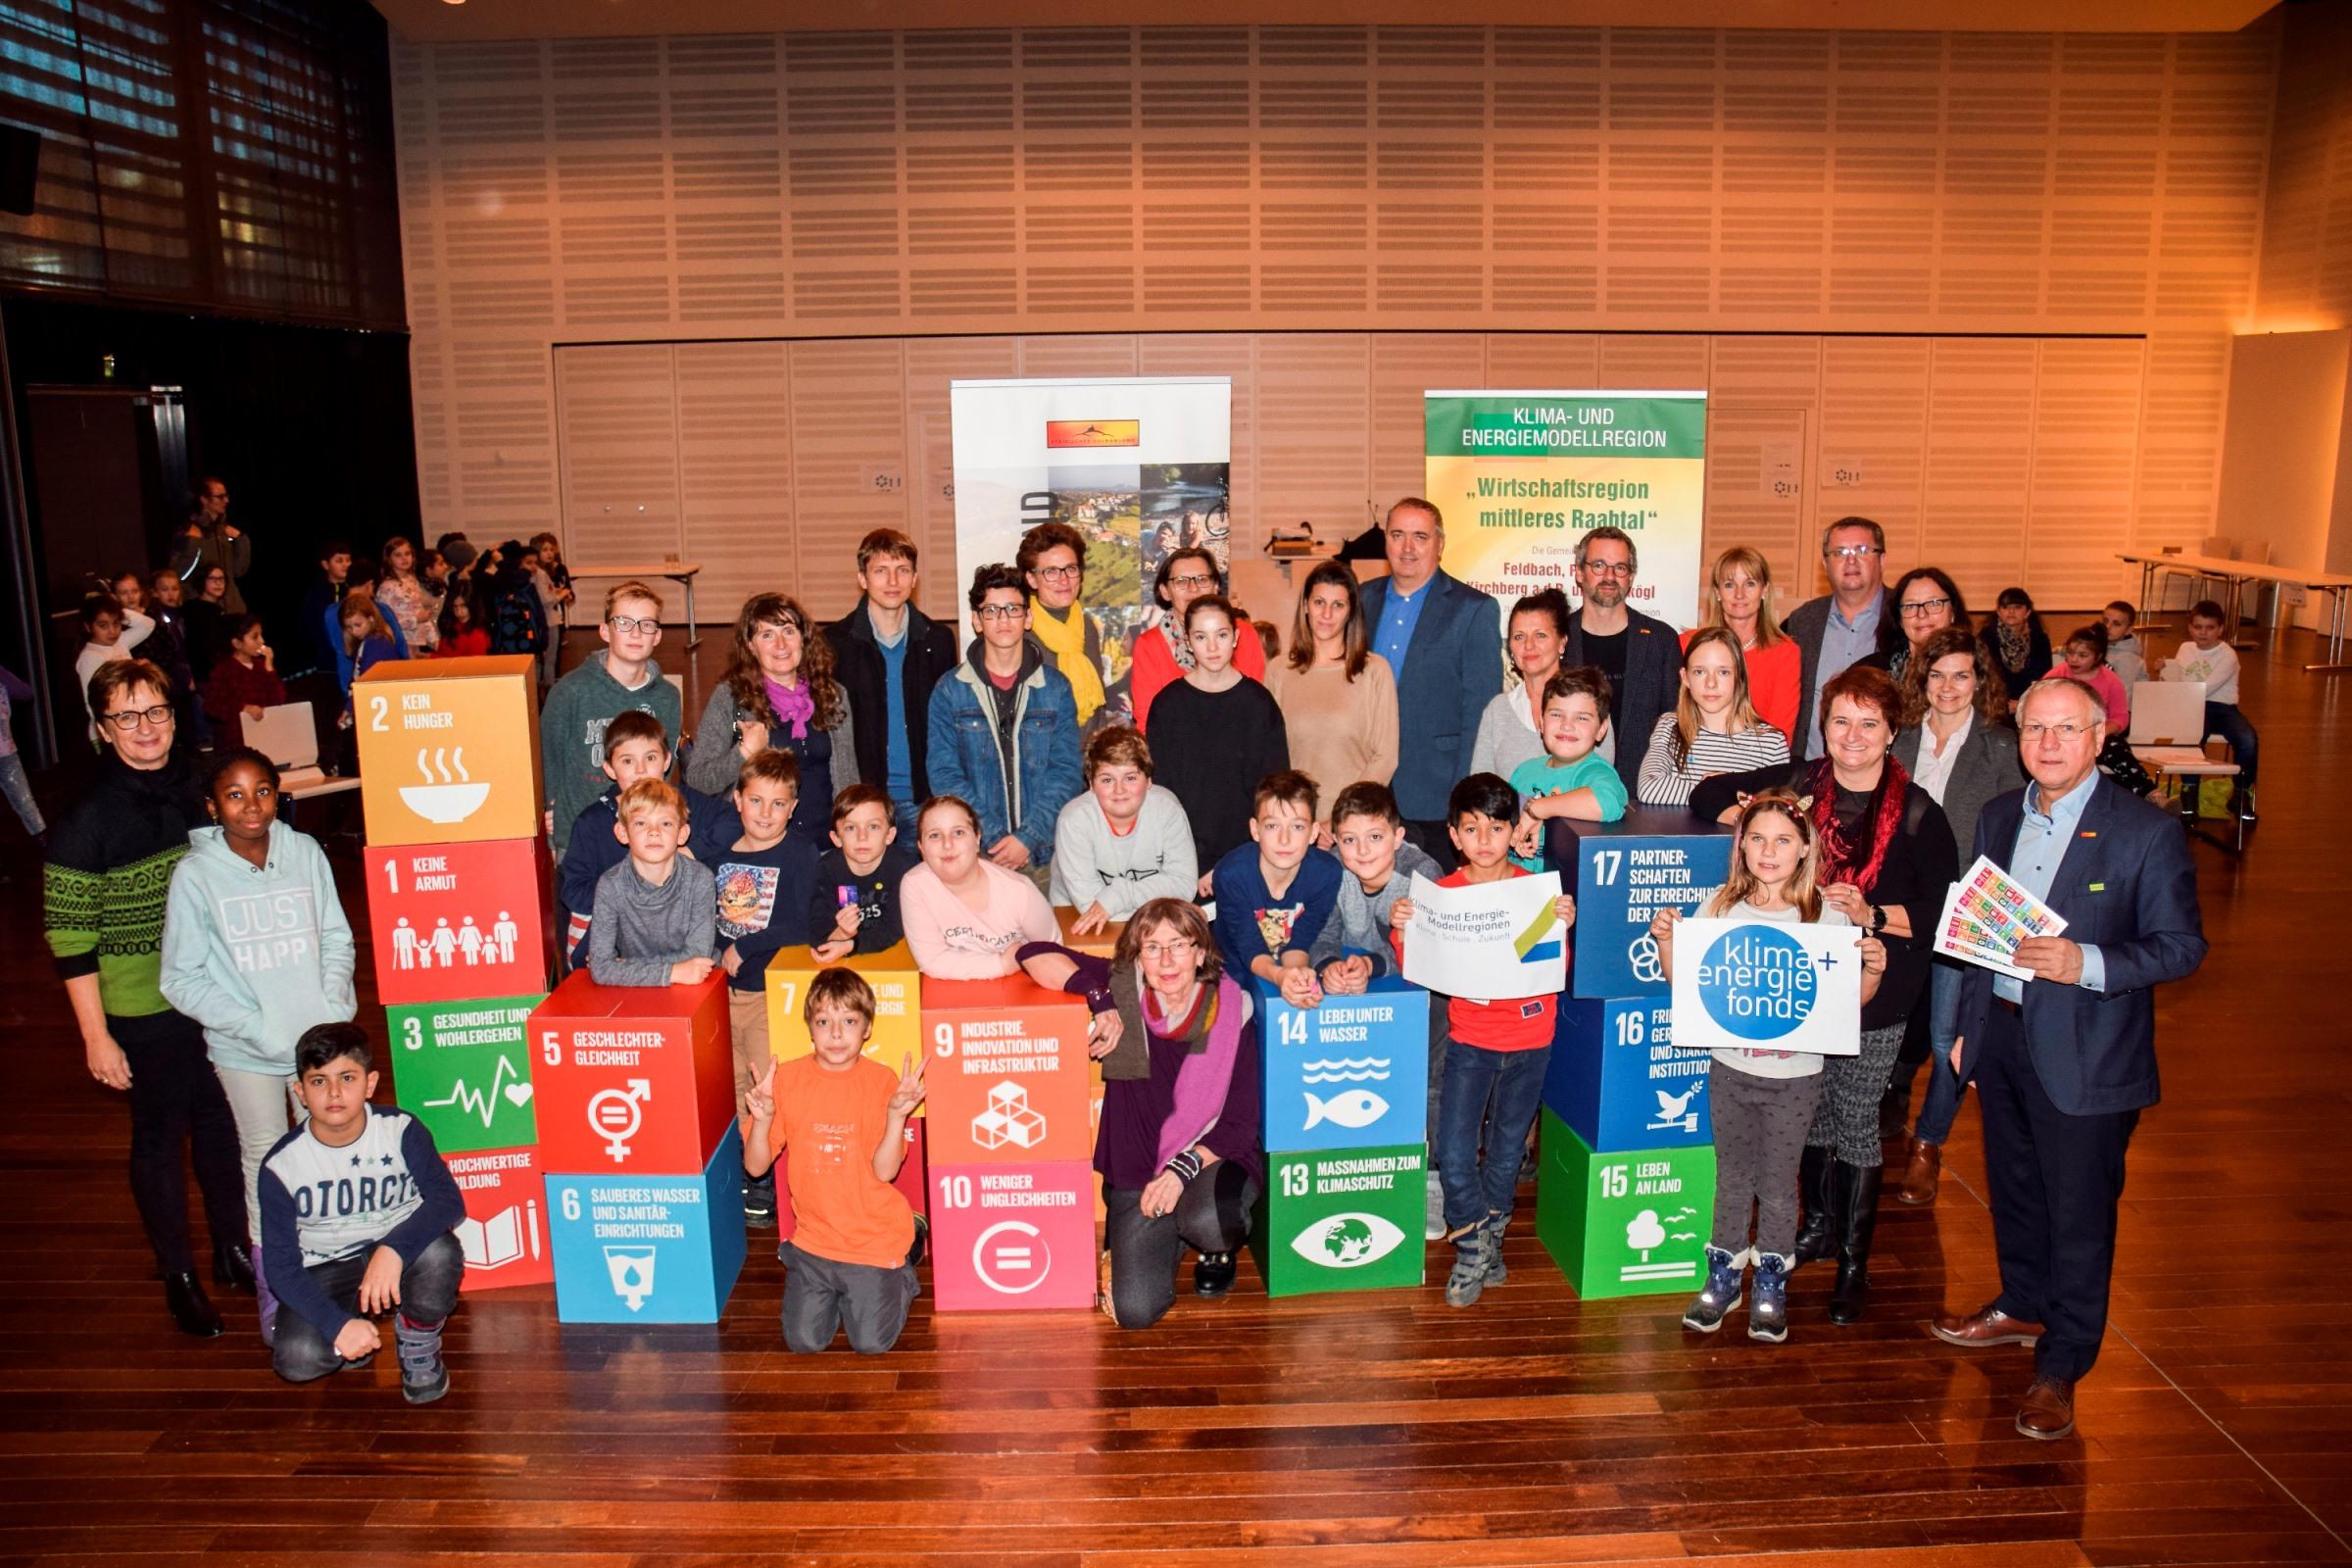 Feldbacher Schulen setzen verstärkt auf Nachhaltigkeit, Kleine Zeitung, 7.12.2018